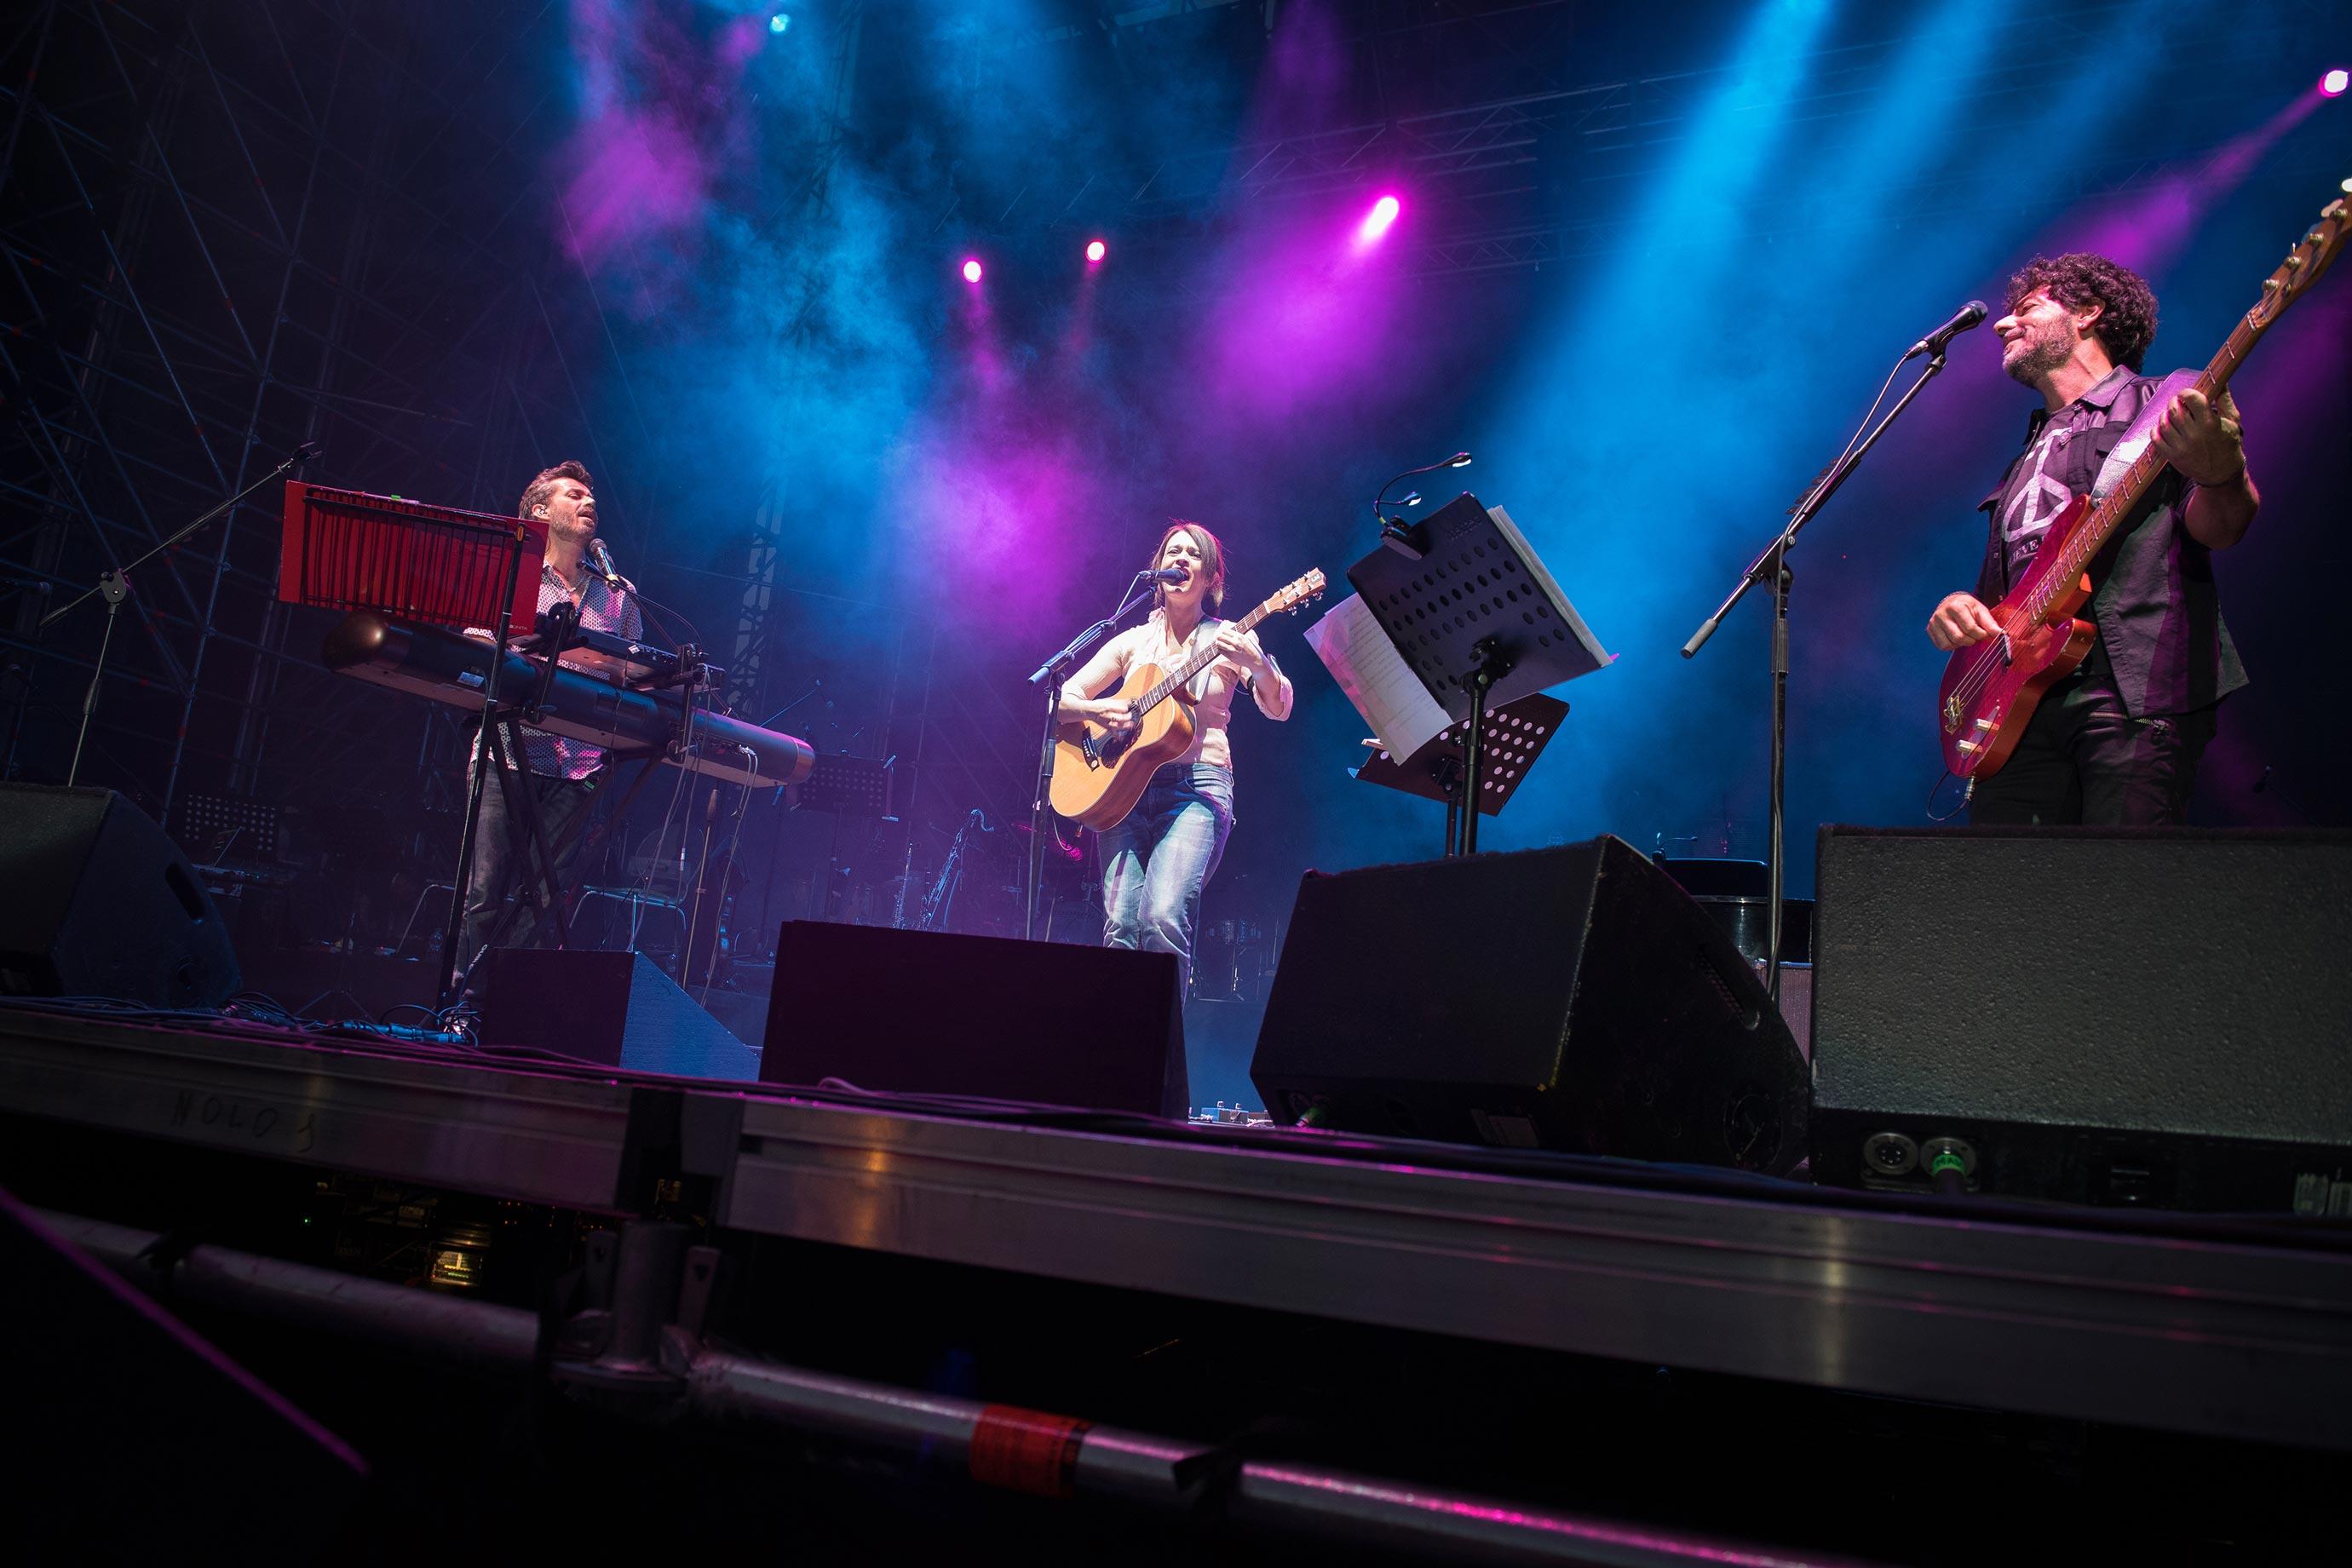 Concerti - DSC 6938 - Fotografo concerti Collisioni Festival - Fotografo concerti Collisioni Festival